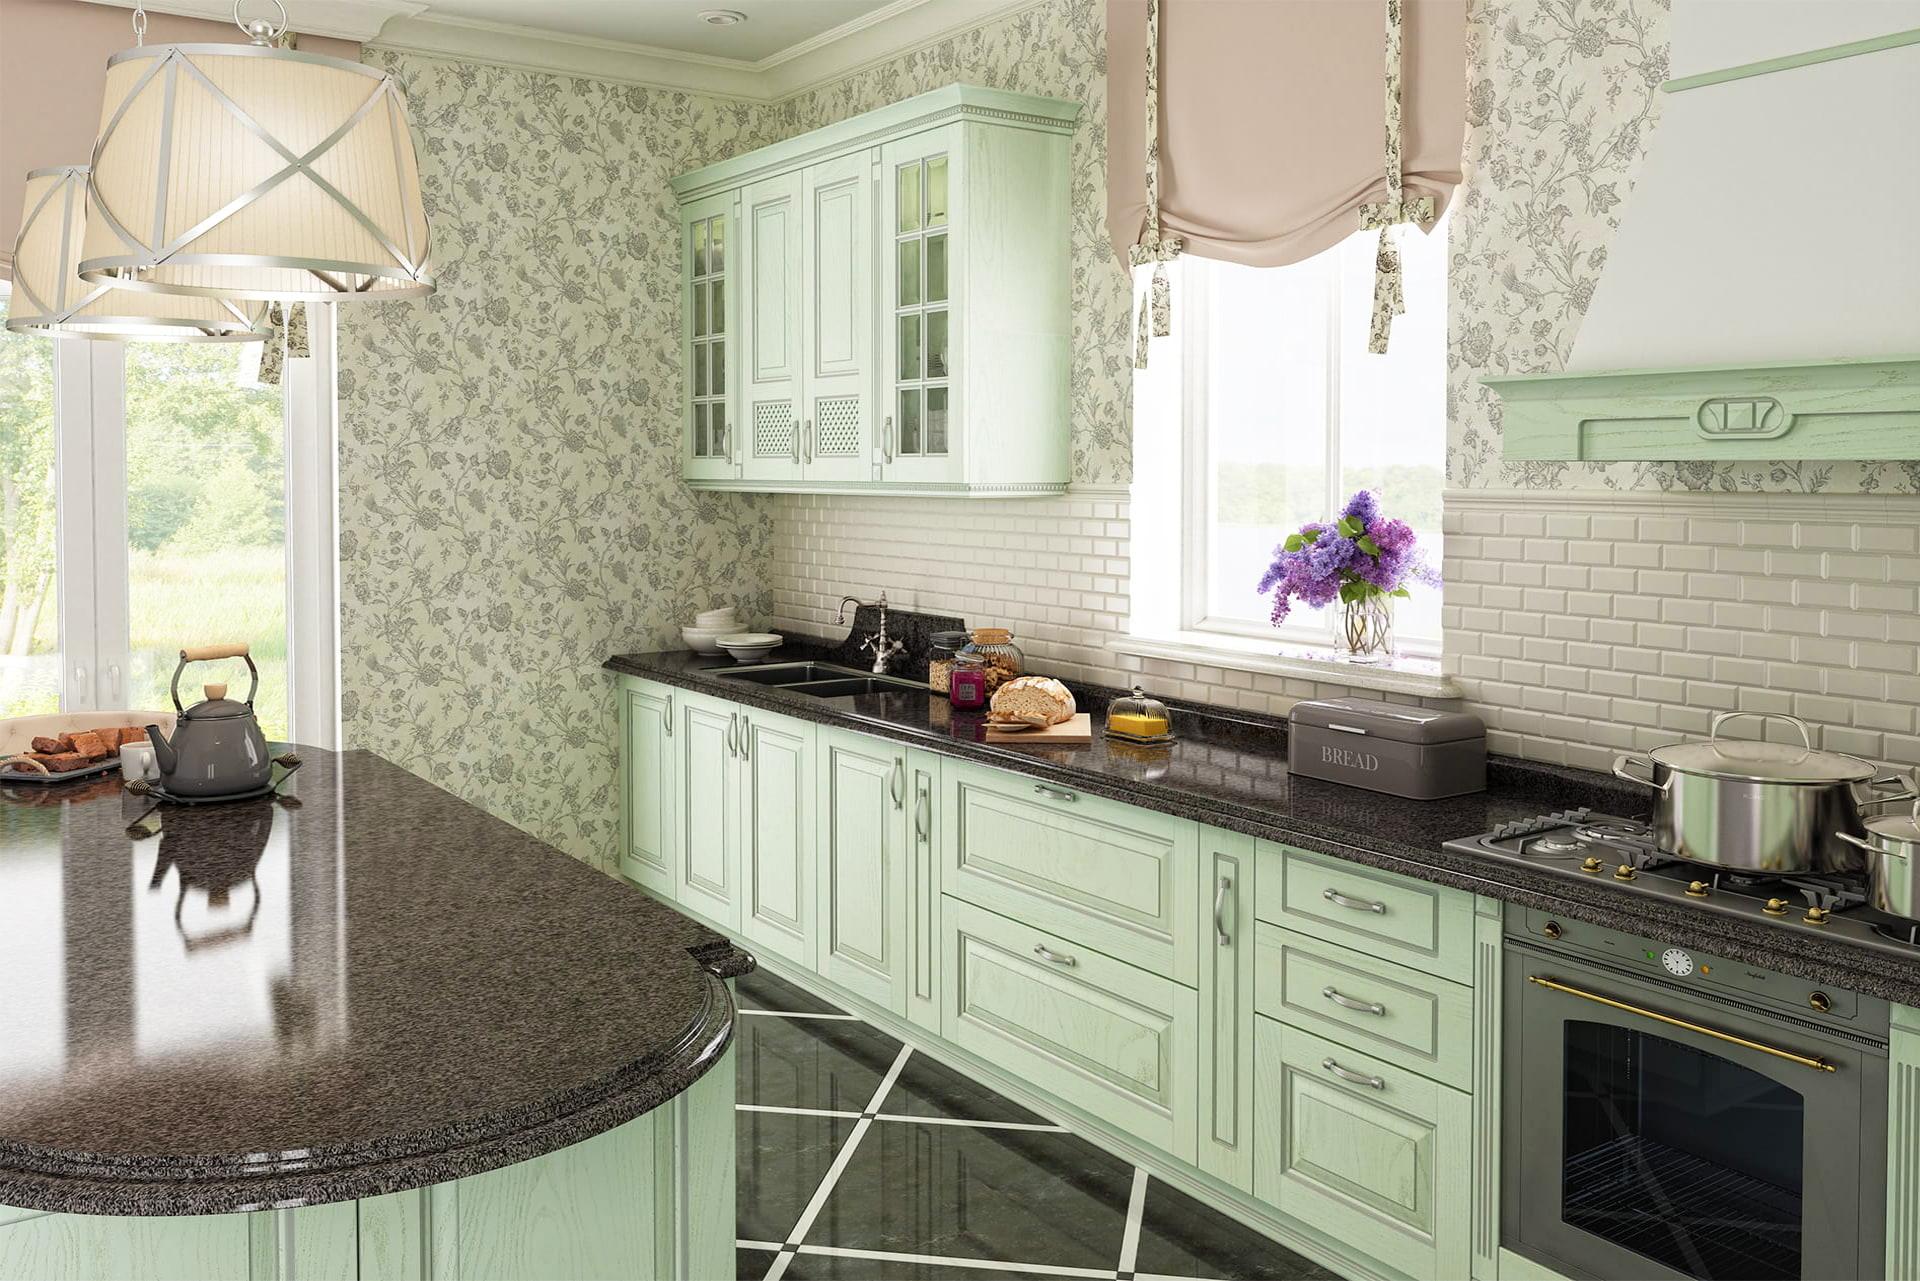 küche hellgrün französische möbel einbauküche planen